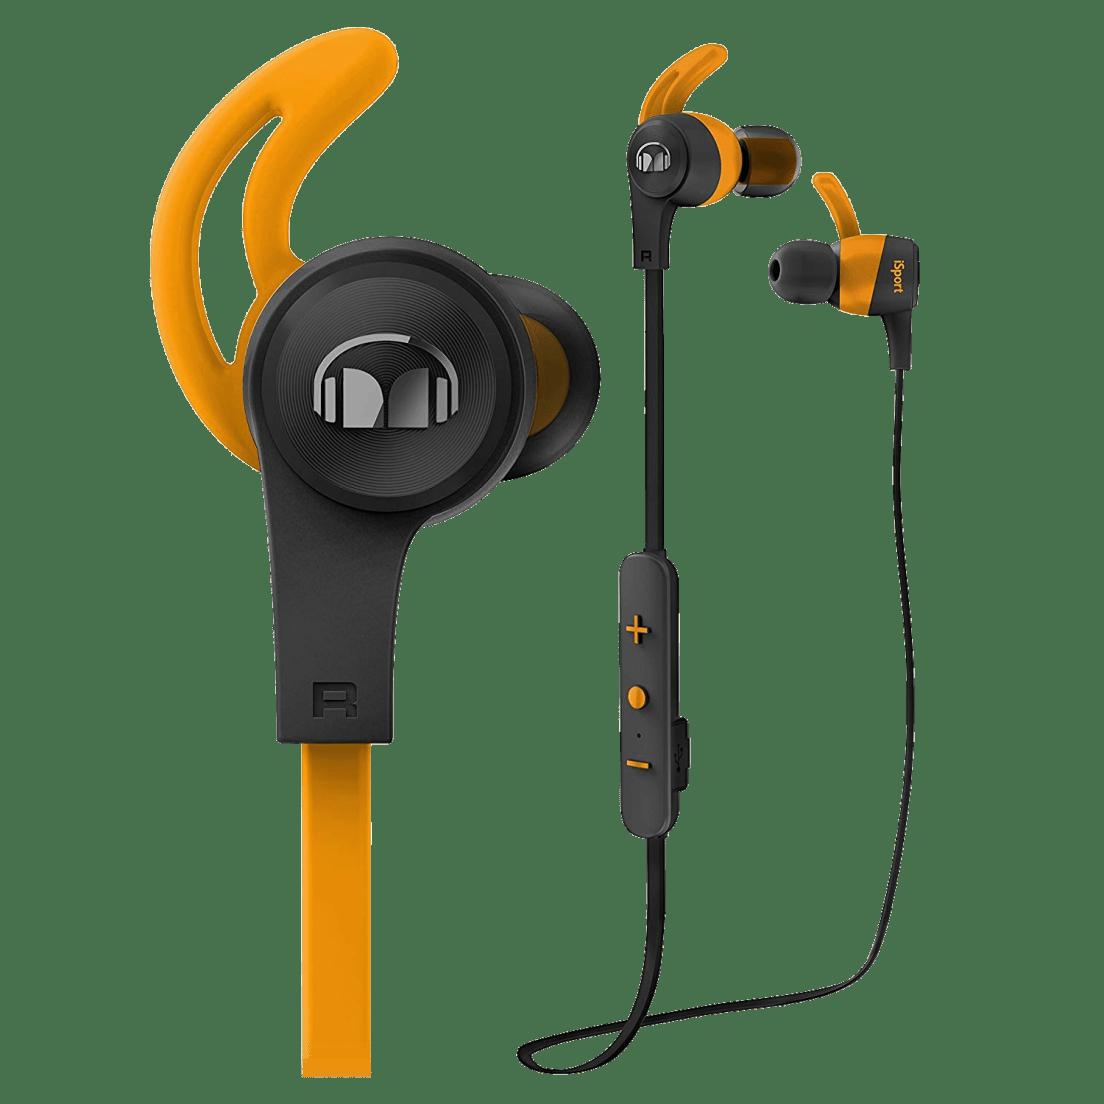 56b69a9d4c9 Monster iSport Achieve Sweatproof In-Ear Bluetooth Wireless Headphones